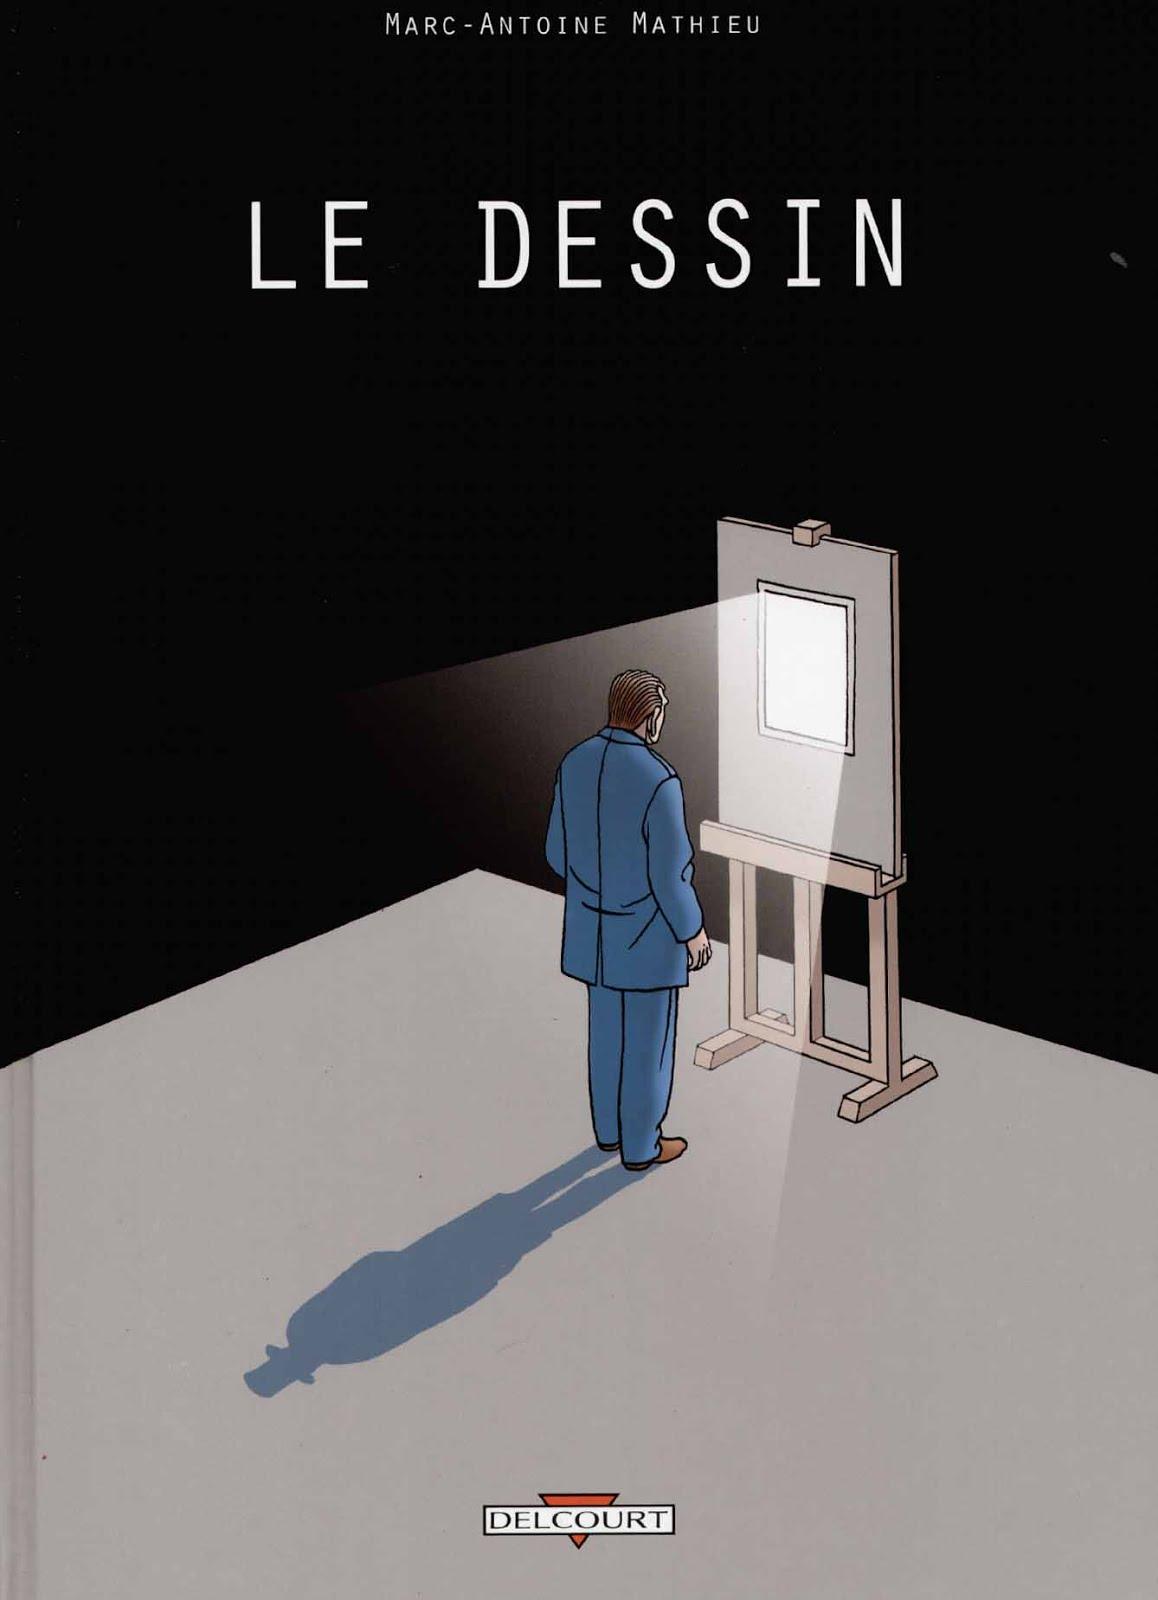 Le Dessin - Marc-Antoine Mathieu